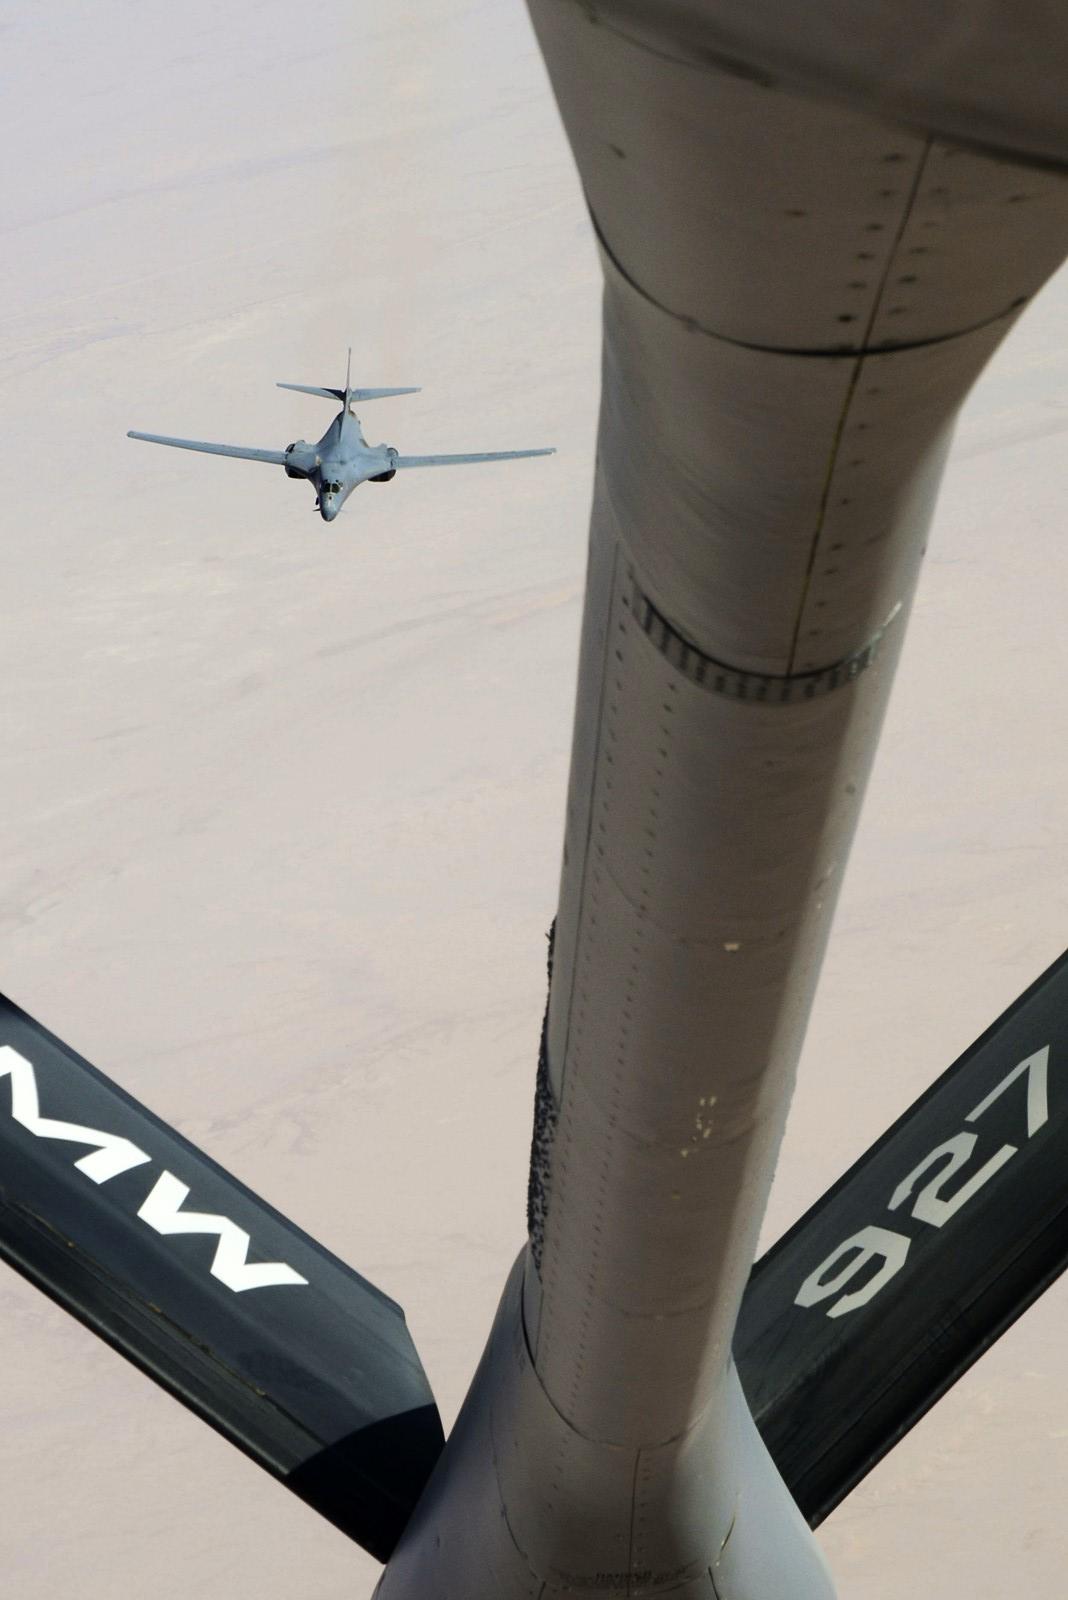 공중급유받으며 시리아내 ISIL 거점 폭격위해 비행하..